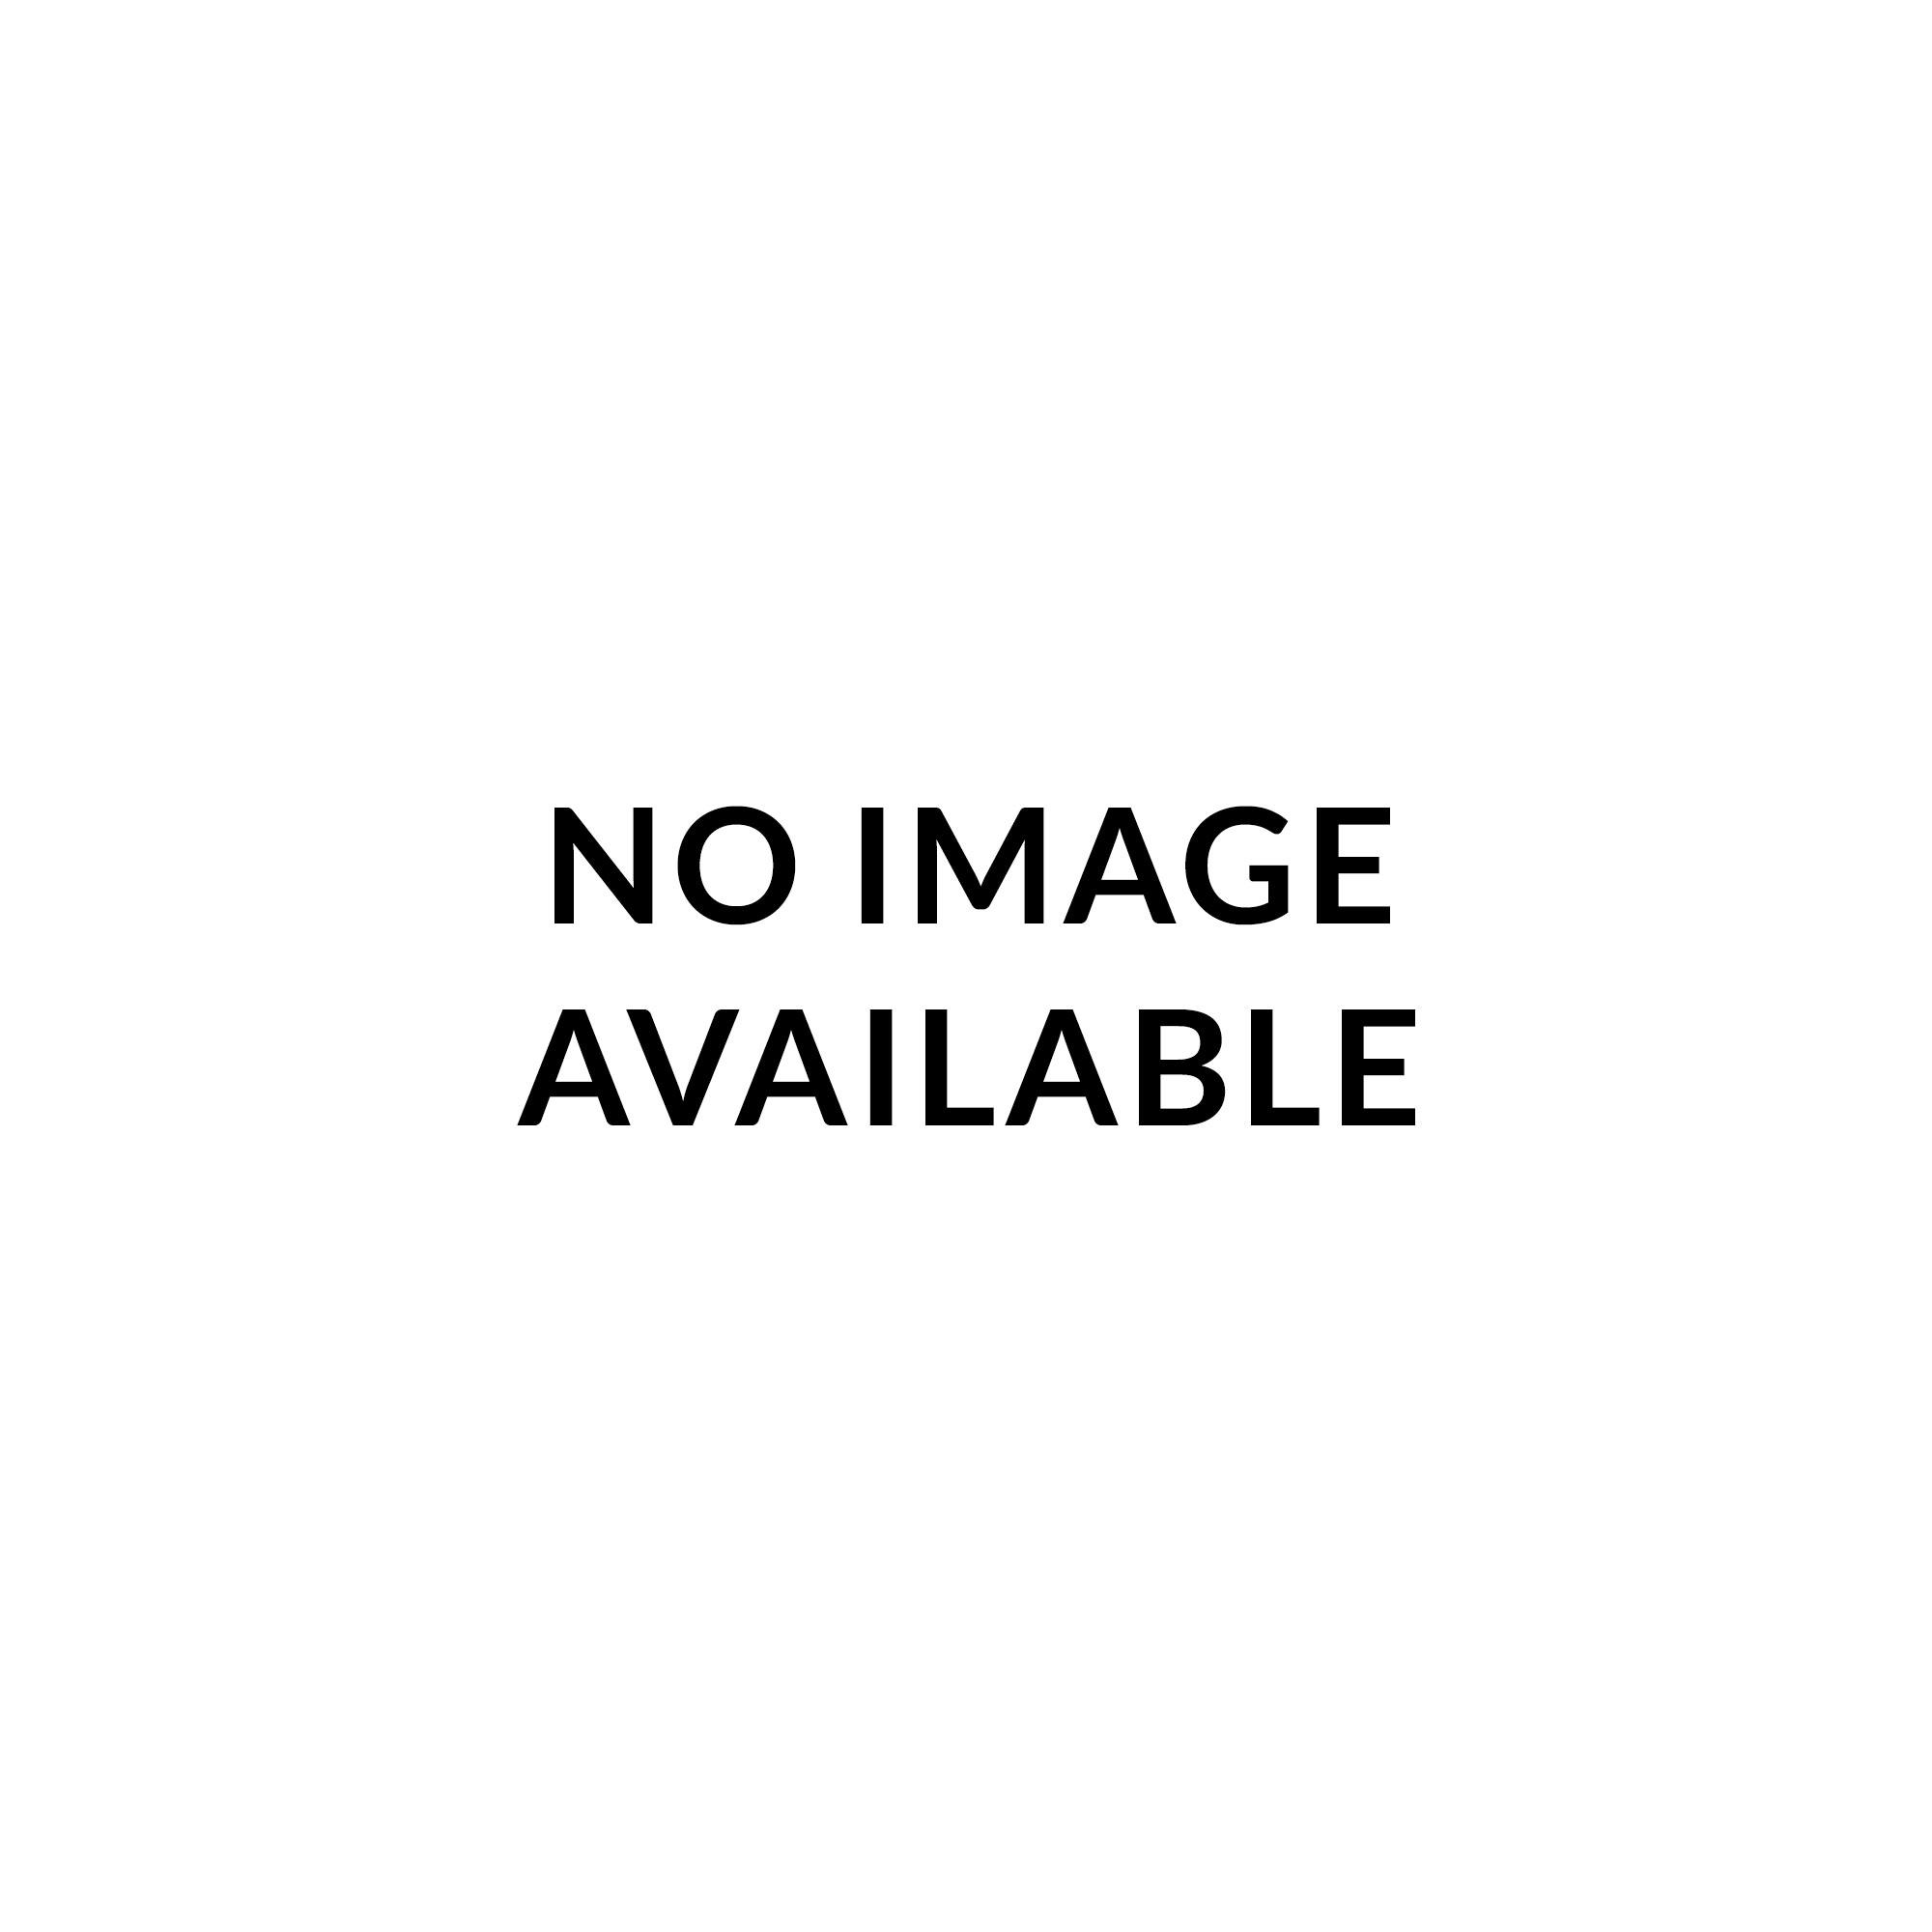 DiMarzio ClipLock Quick Release Strap - Camo Green